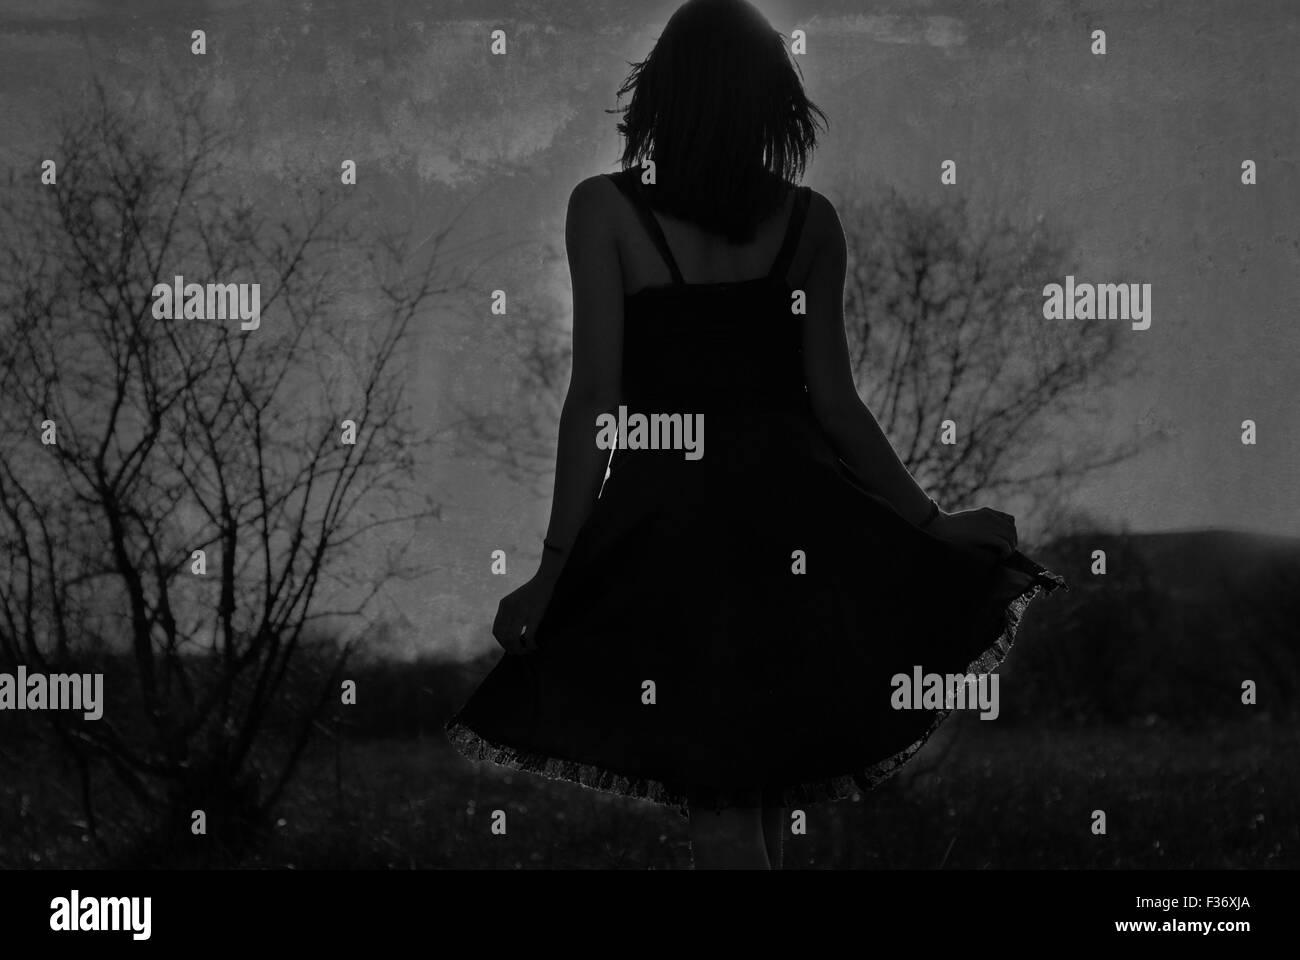 girl in a dark dress backlighting - Stock Image